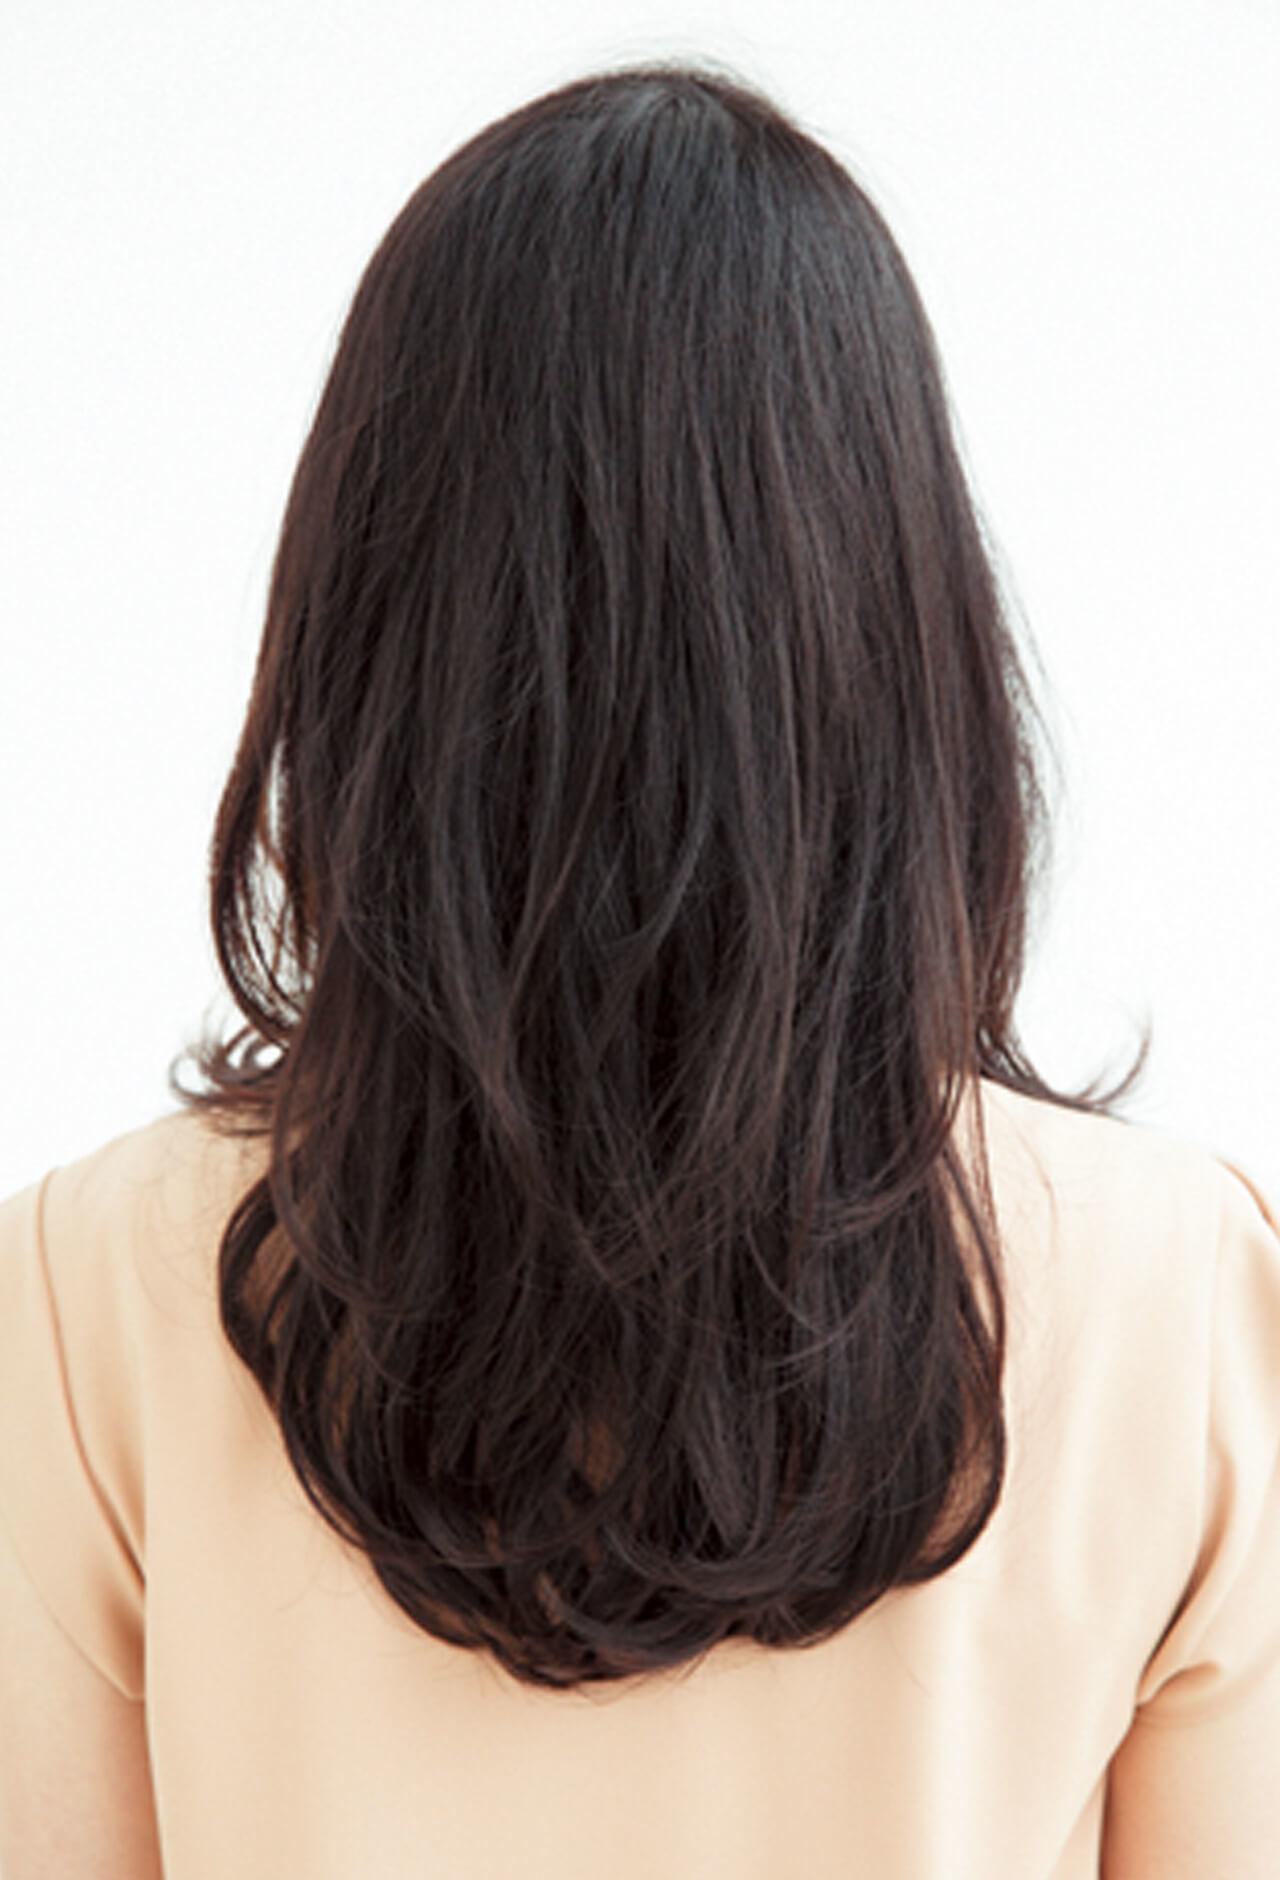 直毛にボリュームを!大ぶりなS字カールでロングヘアにメリハリを【40代のロングヘア】_1_3